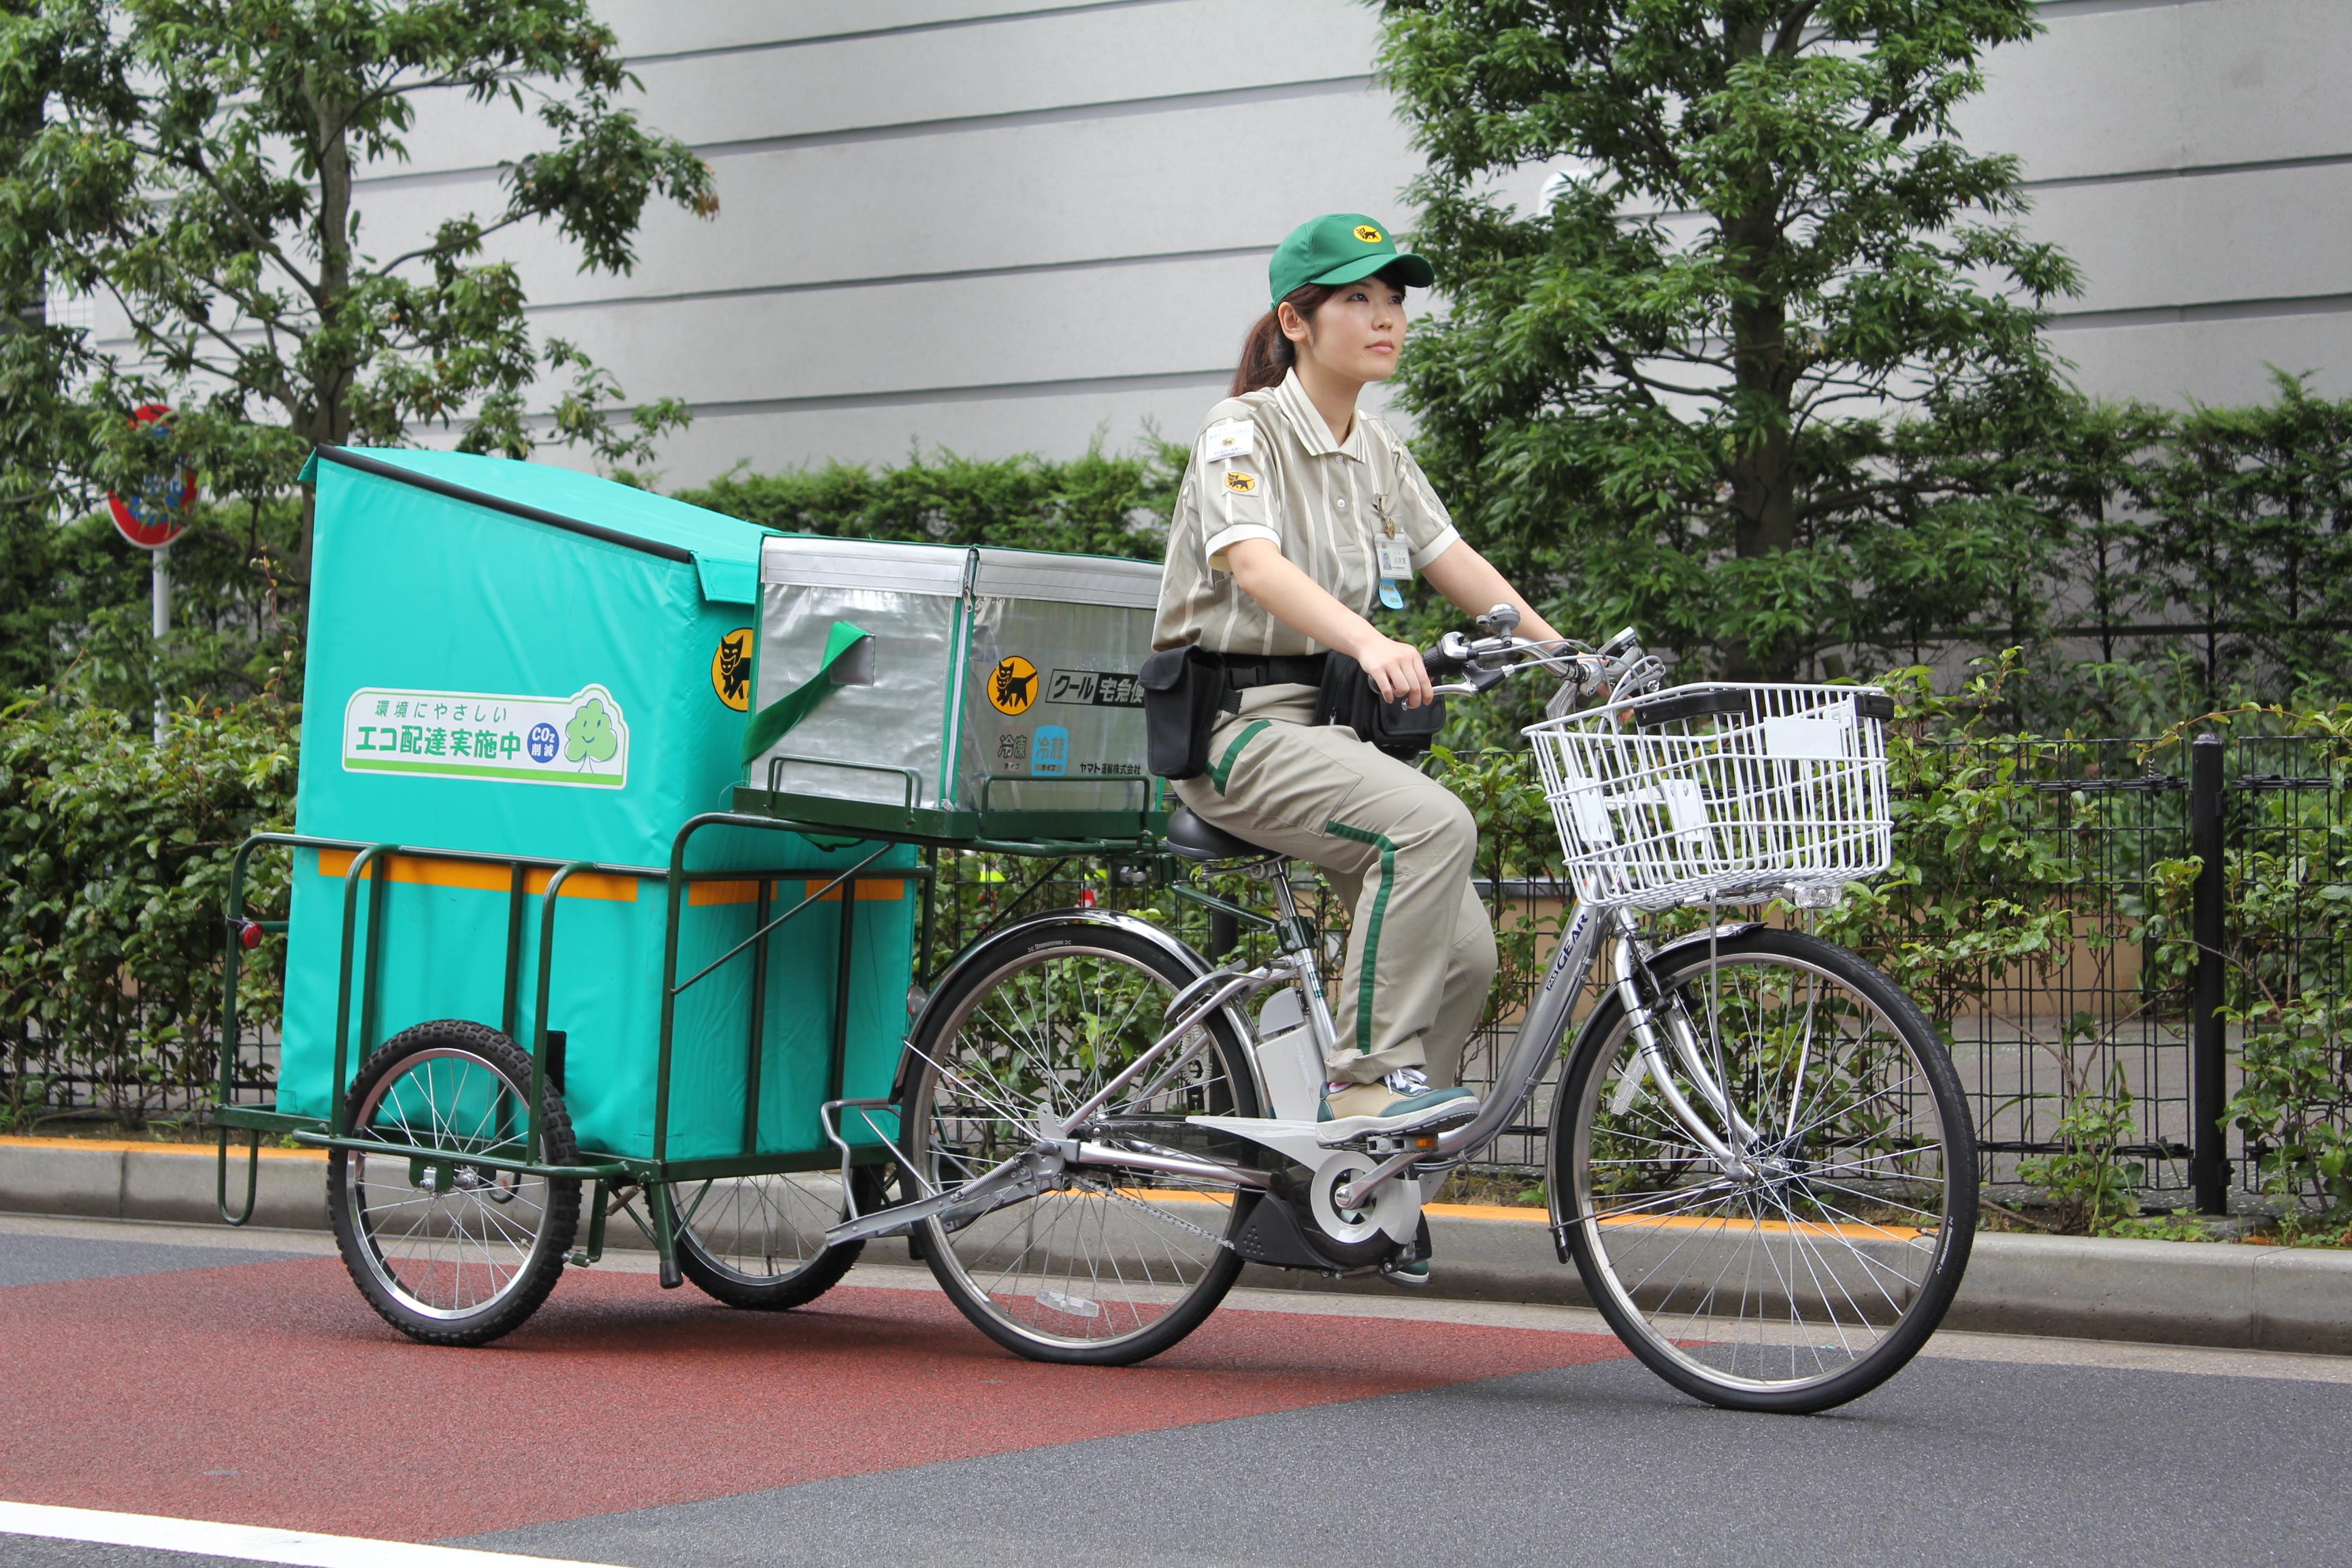 自転車の 自転車 ヤマト : 本日、「ヤマト運輸」山内雅喜 ...